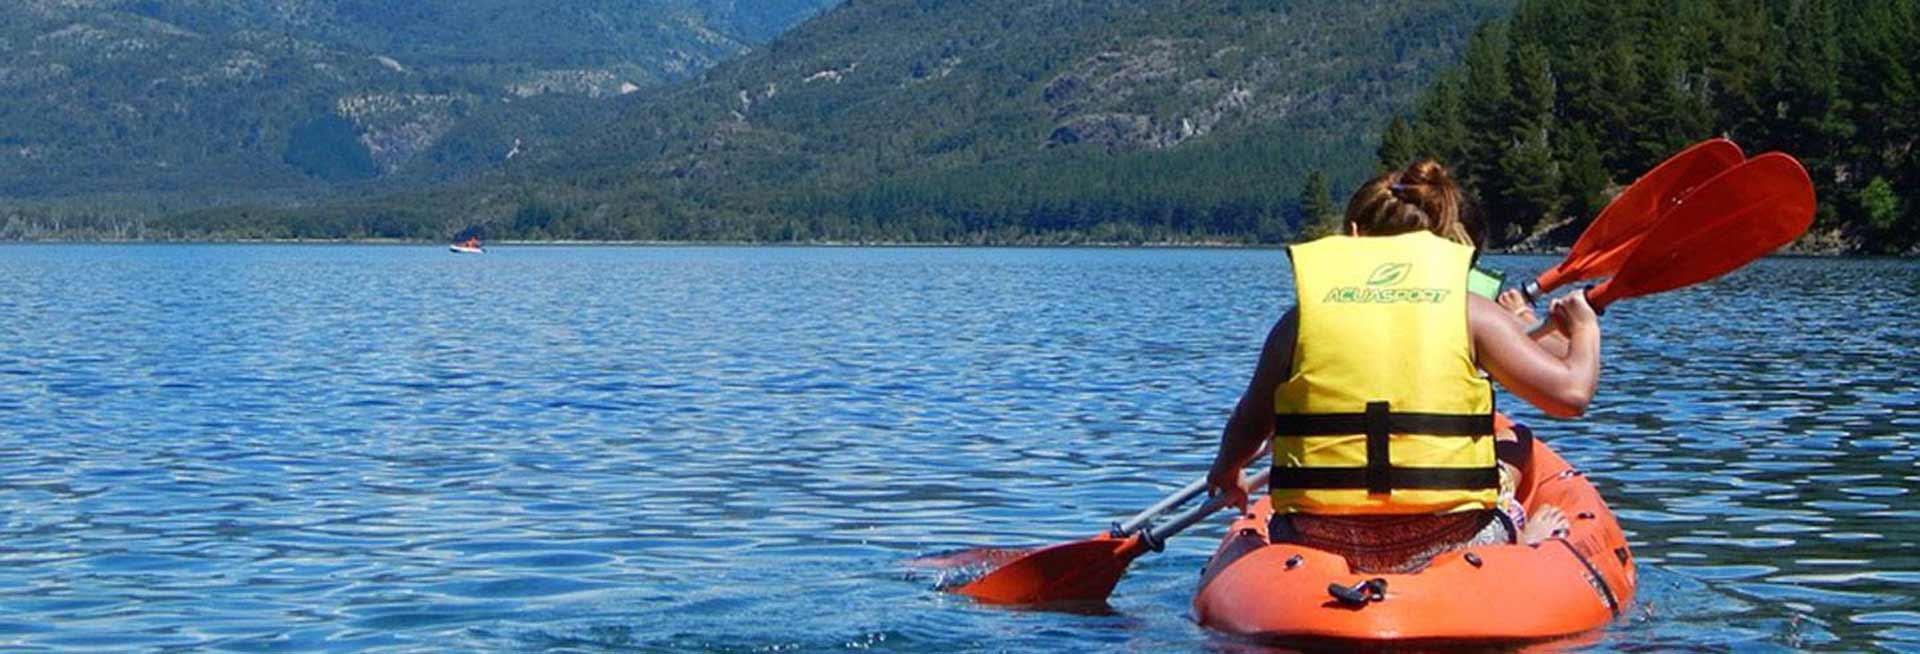 People kayaking on a large lake.